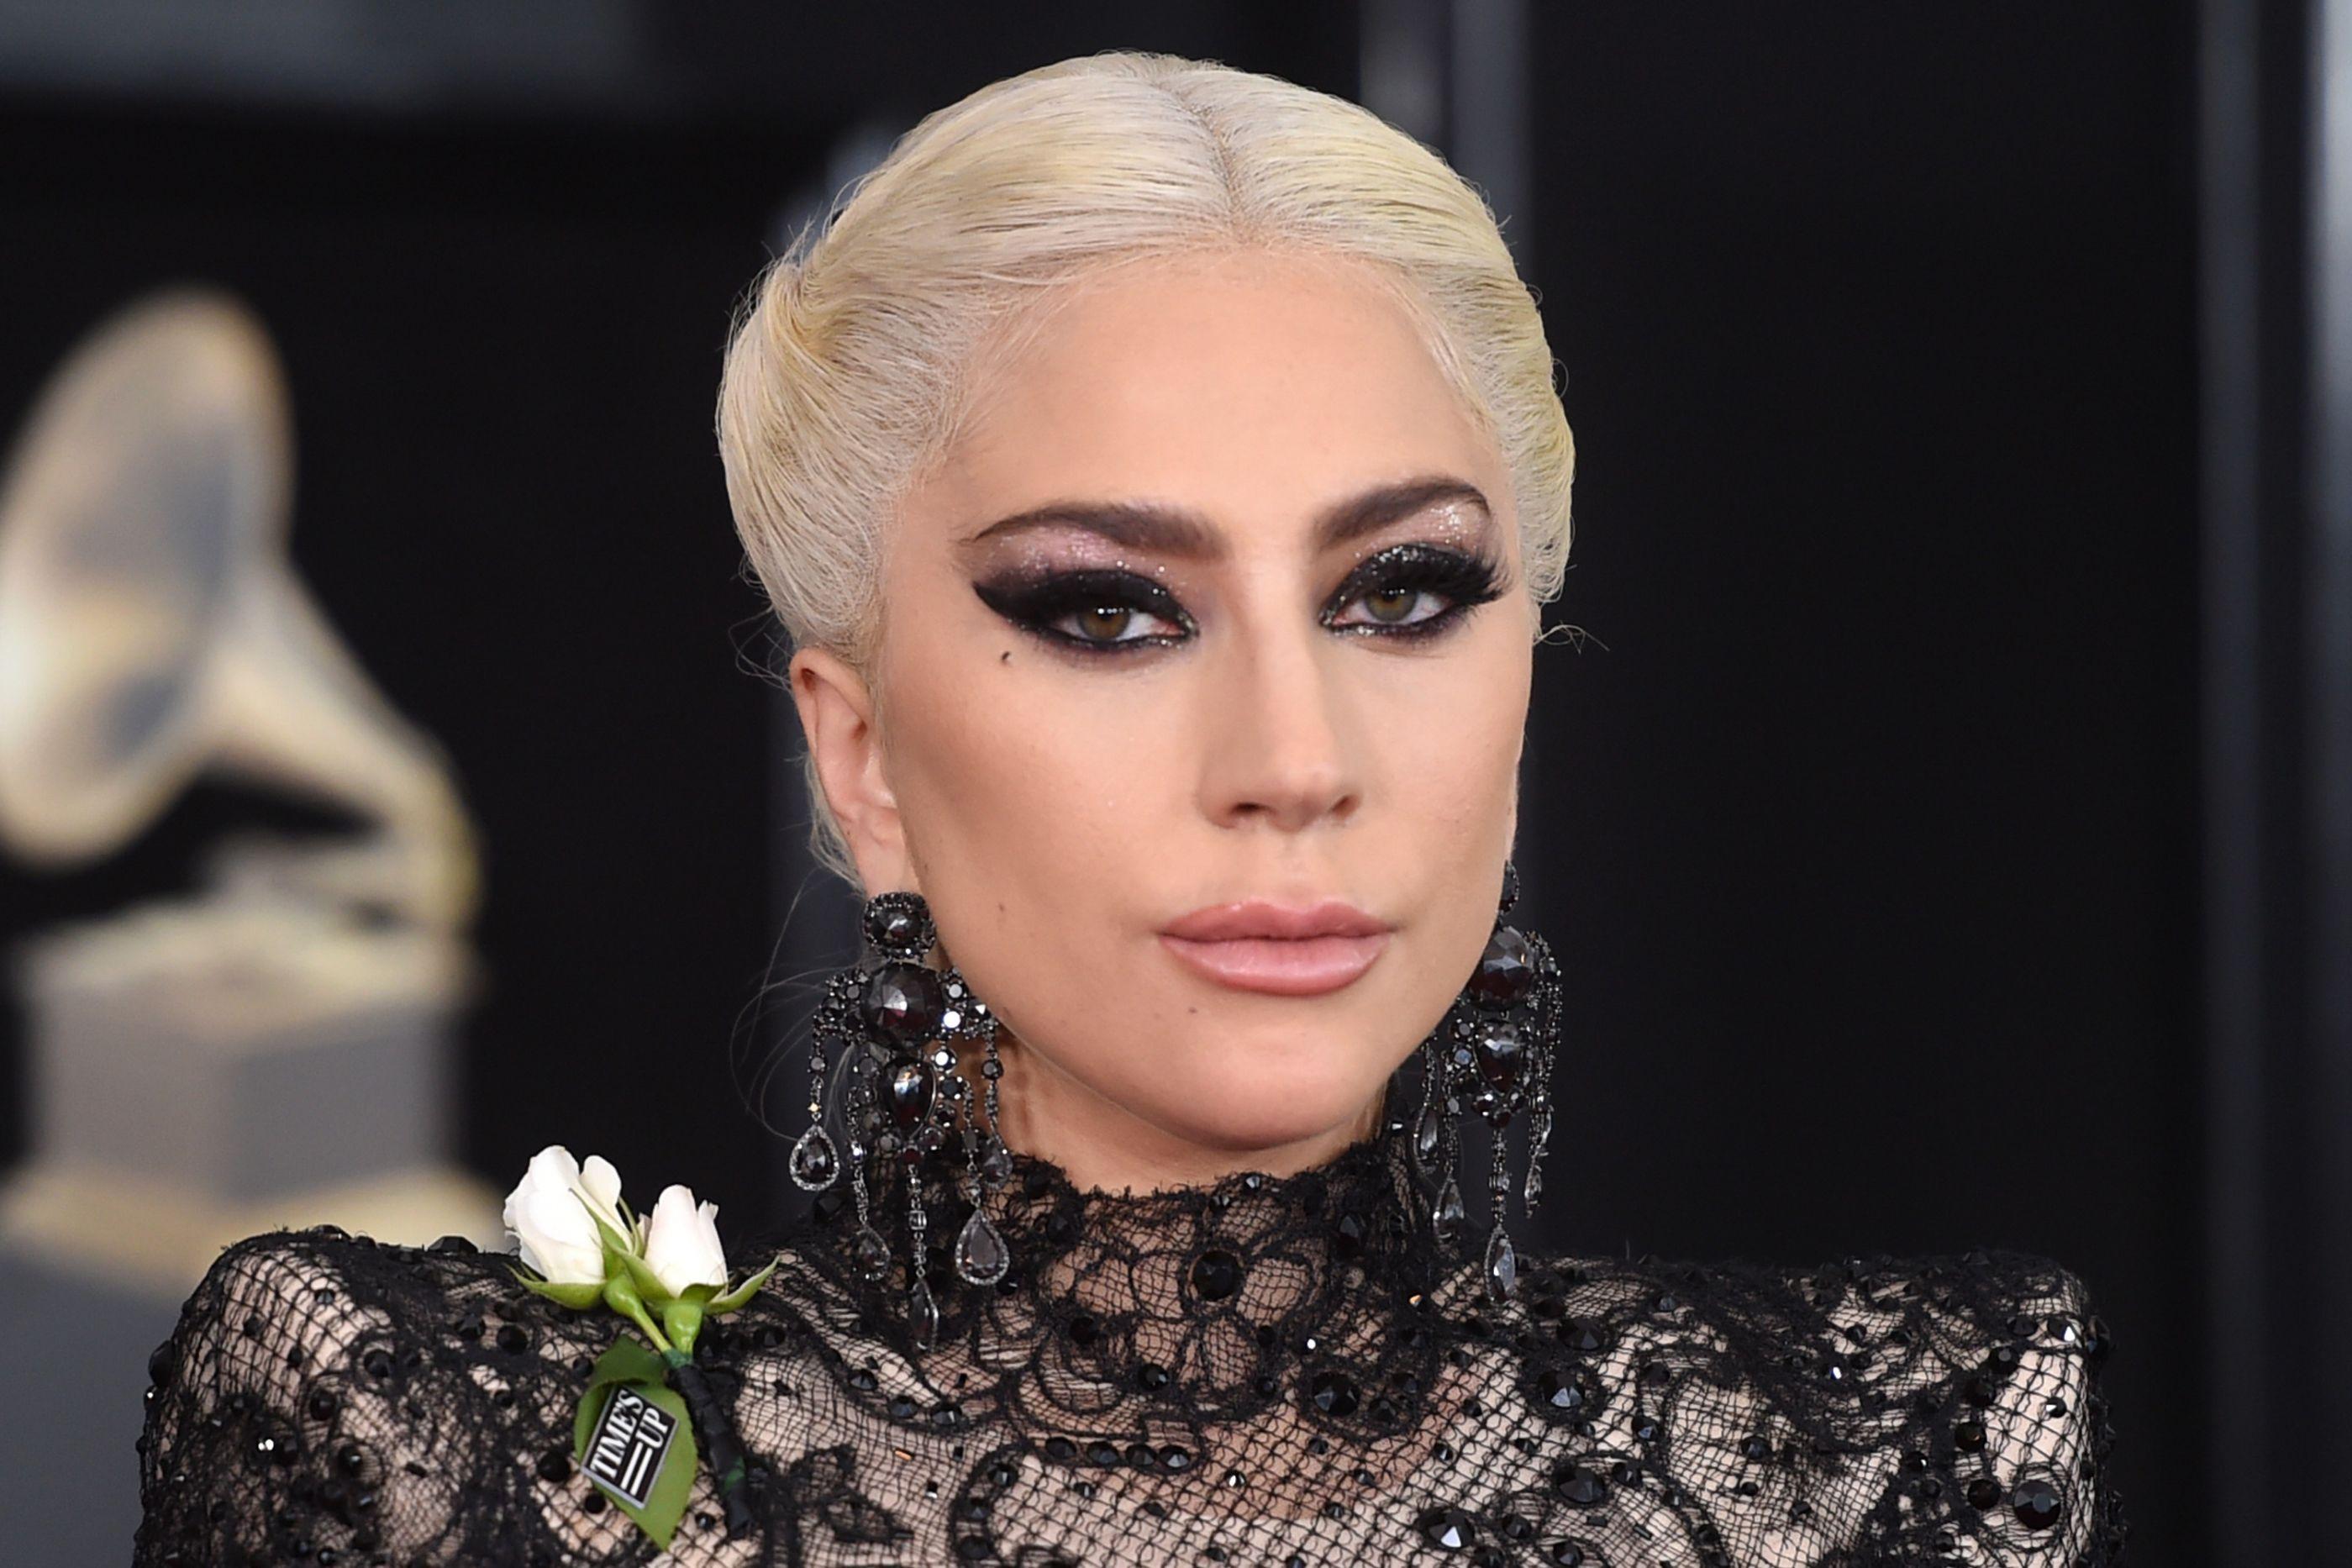 Confirma-se: Chegou ao fim o noivado de Lady Gaga e Christian Carino